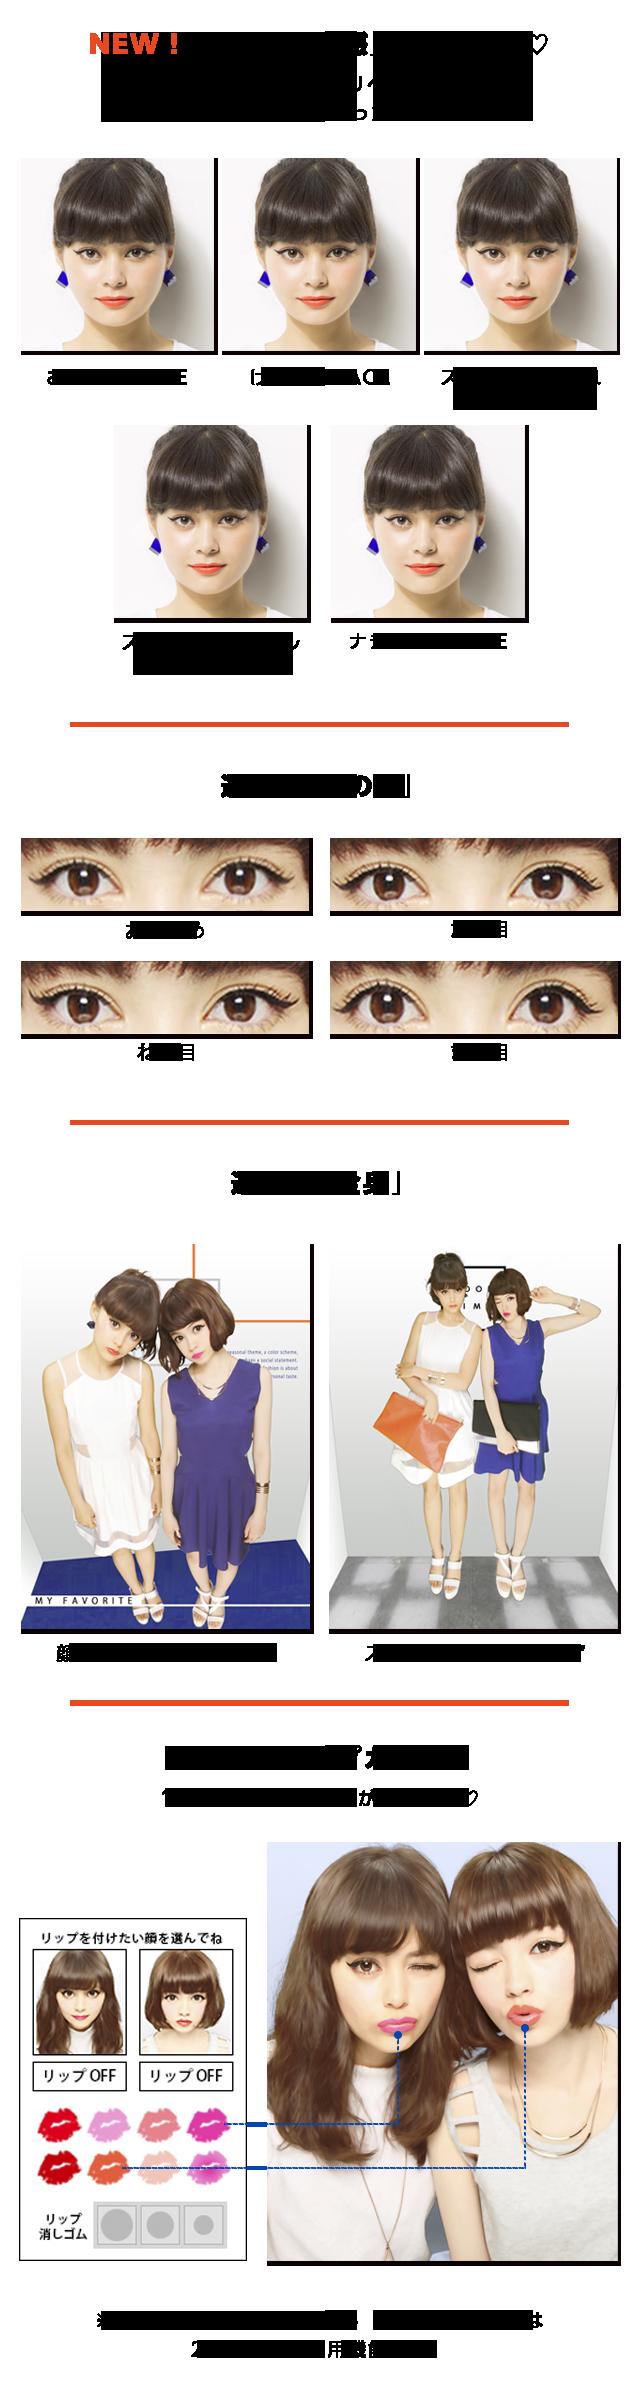 """NEW!選べる「盛れ感」が5段階に♡ 新しい盛れ感が増えて、よりベストな盛れ感が選べるようになったよ!:おすすめFACE・げき盛れFACE・スーパーげき盛れFACE・スーパーナチュラルFACE・ナチュラルFACE/選べる「目の形」:おすすめ・たれ目・ねこ目・まる目/選べる「全身」:顔が盛れる""""上から全身""""・スタイル抜群""""正面全身""""/選べる「リップカラー」 1人ずつのリップの色が選べるよ♡ ※選べる「目の形」、選べる「リップカラー」は2人用コース専用機能です。"""